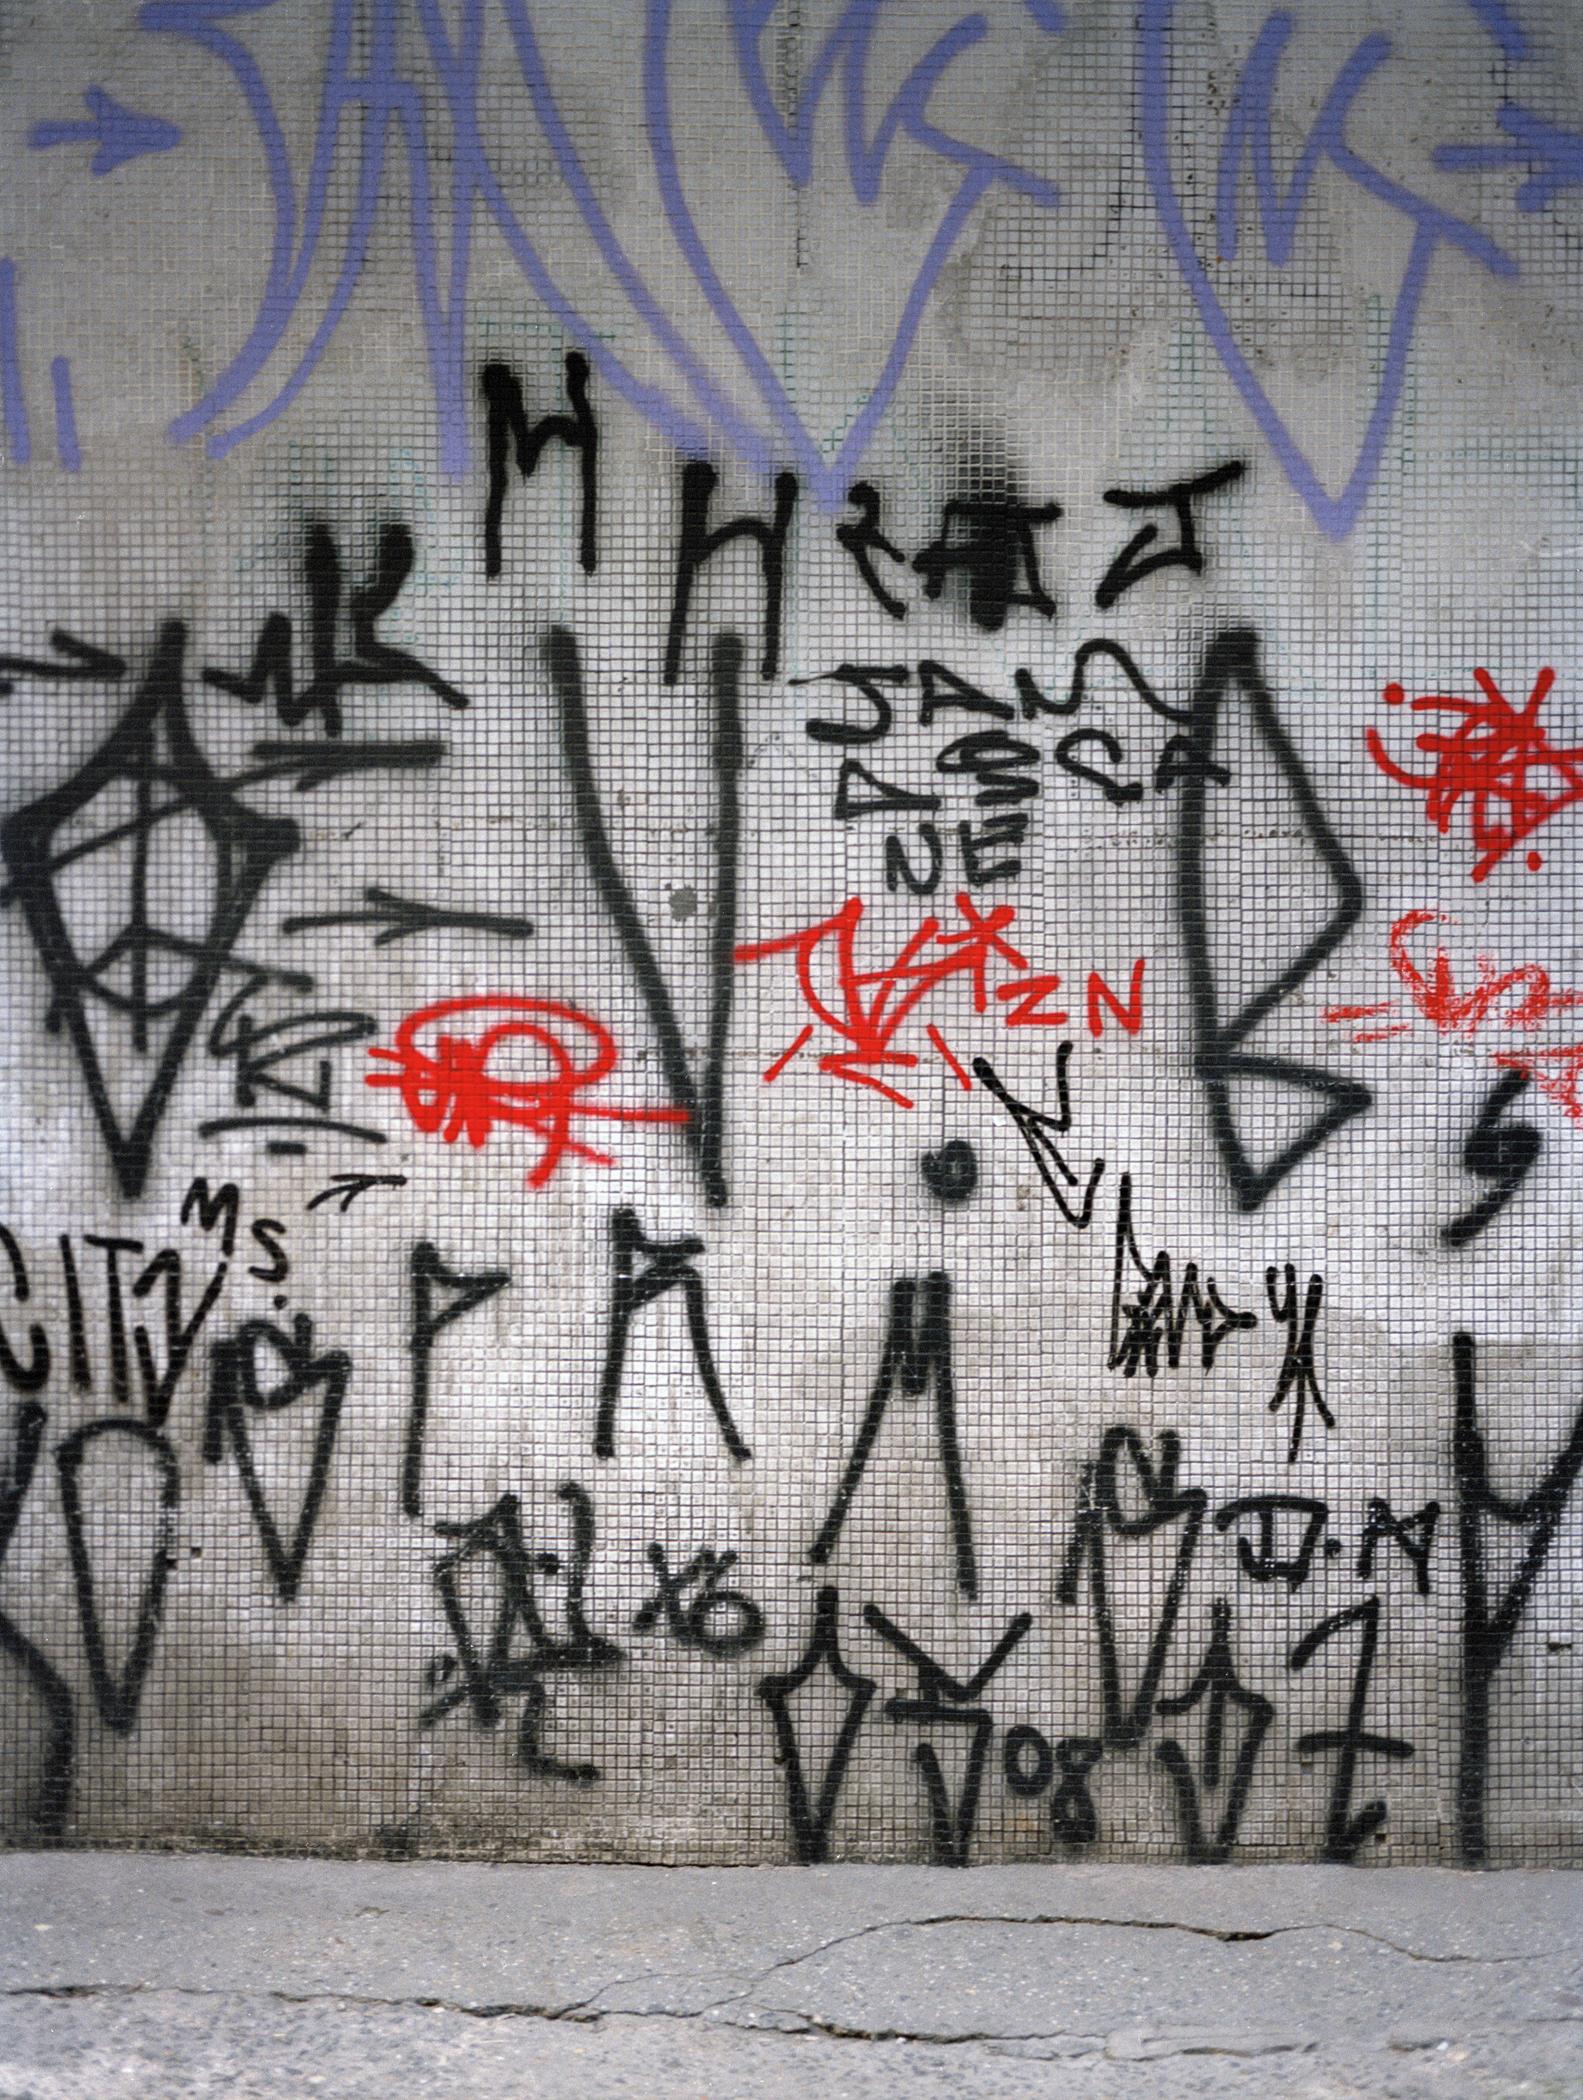 BR_2009_016_CC.jpg